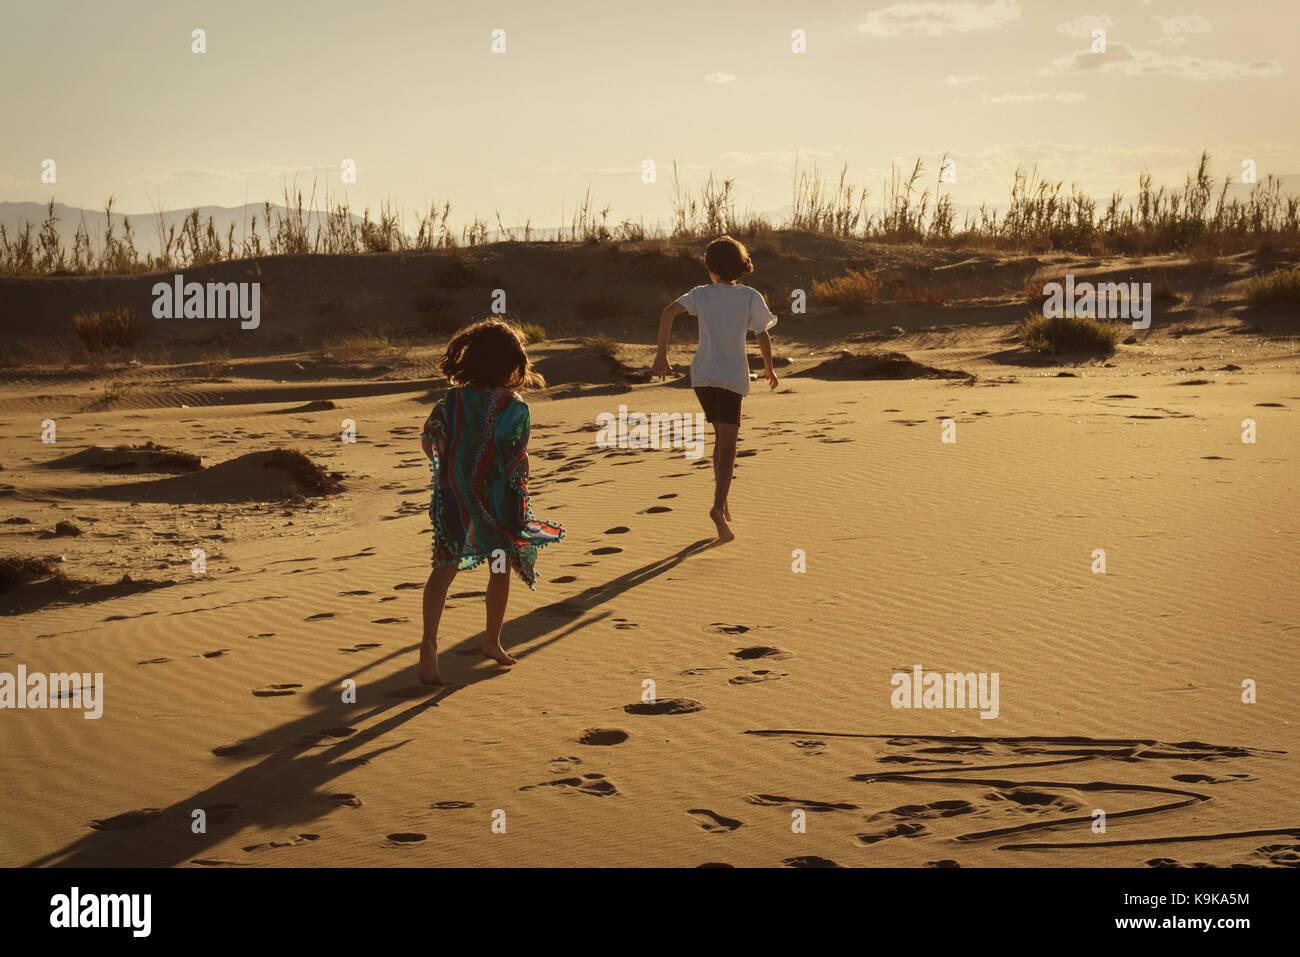 Chico y chica Running Wild en una playa al atardecer dejando huellas Imagen De Stock